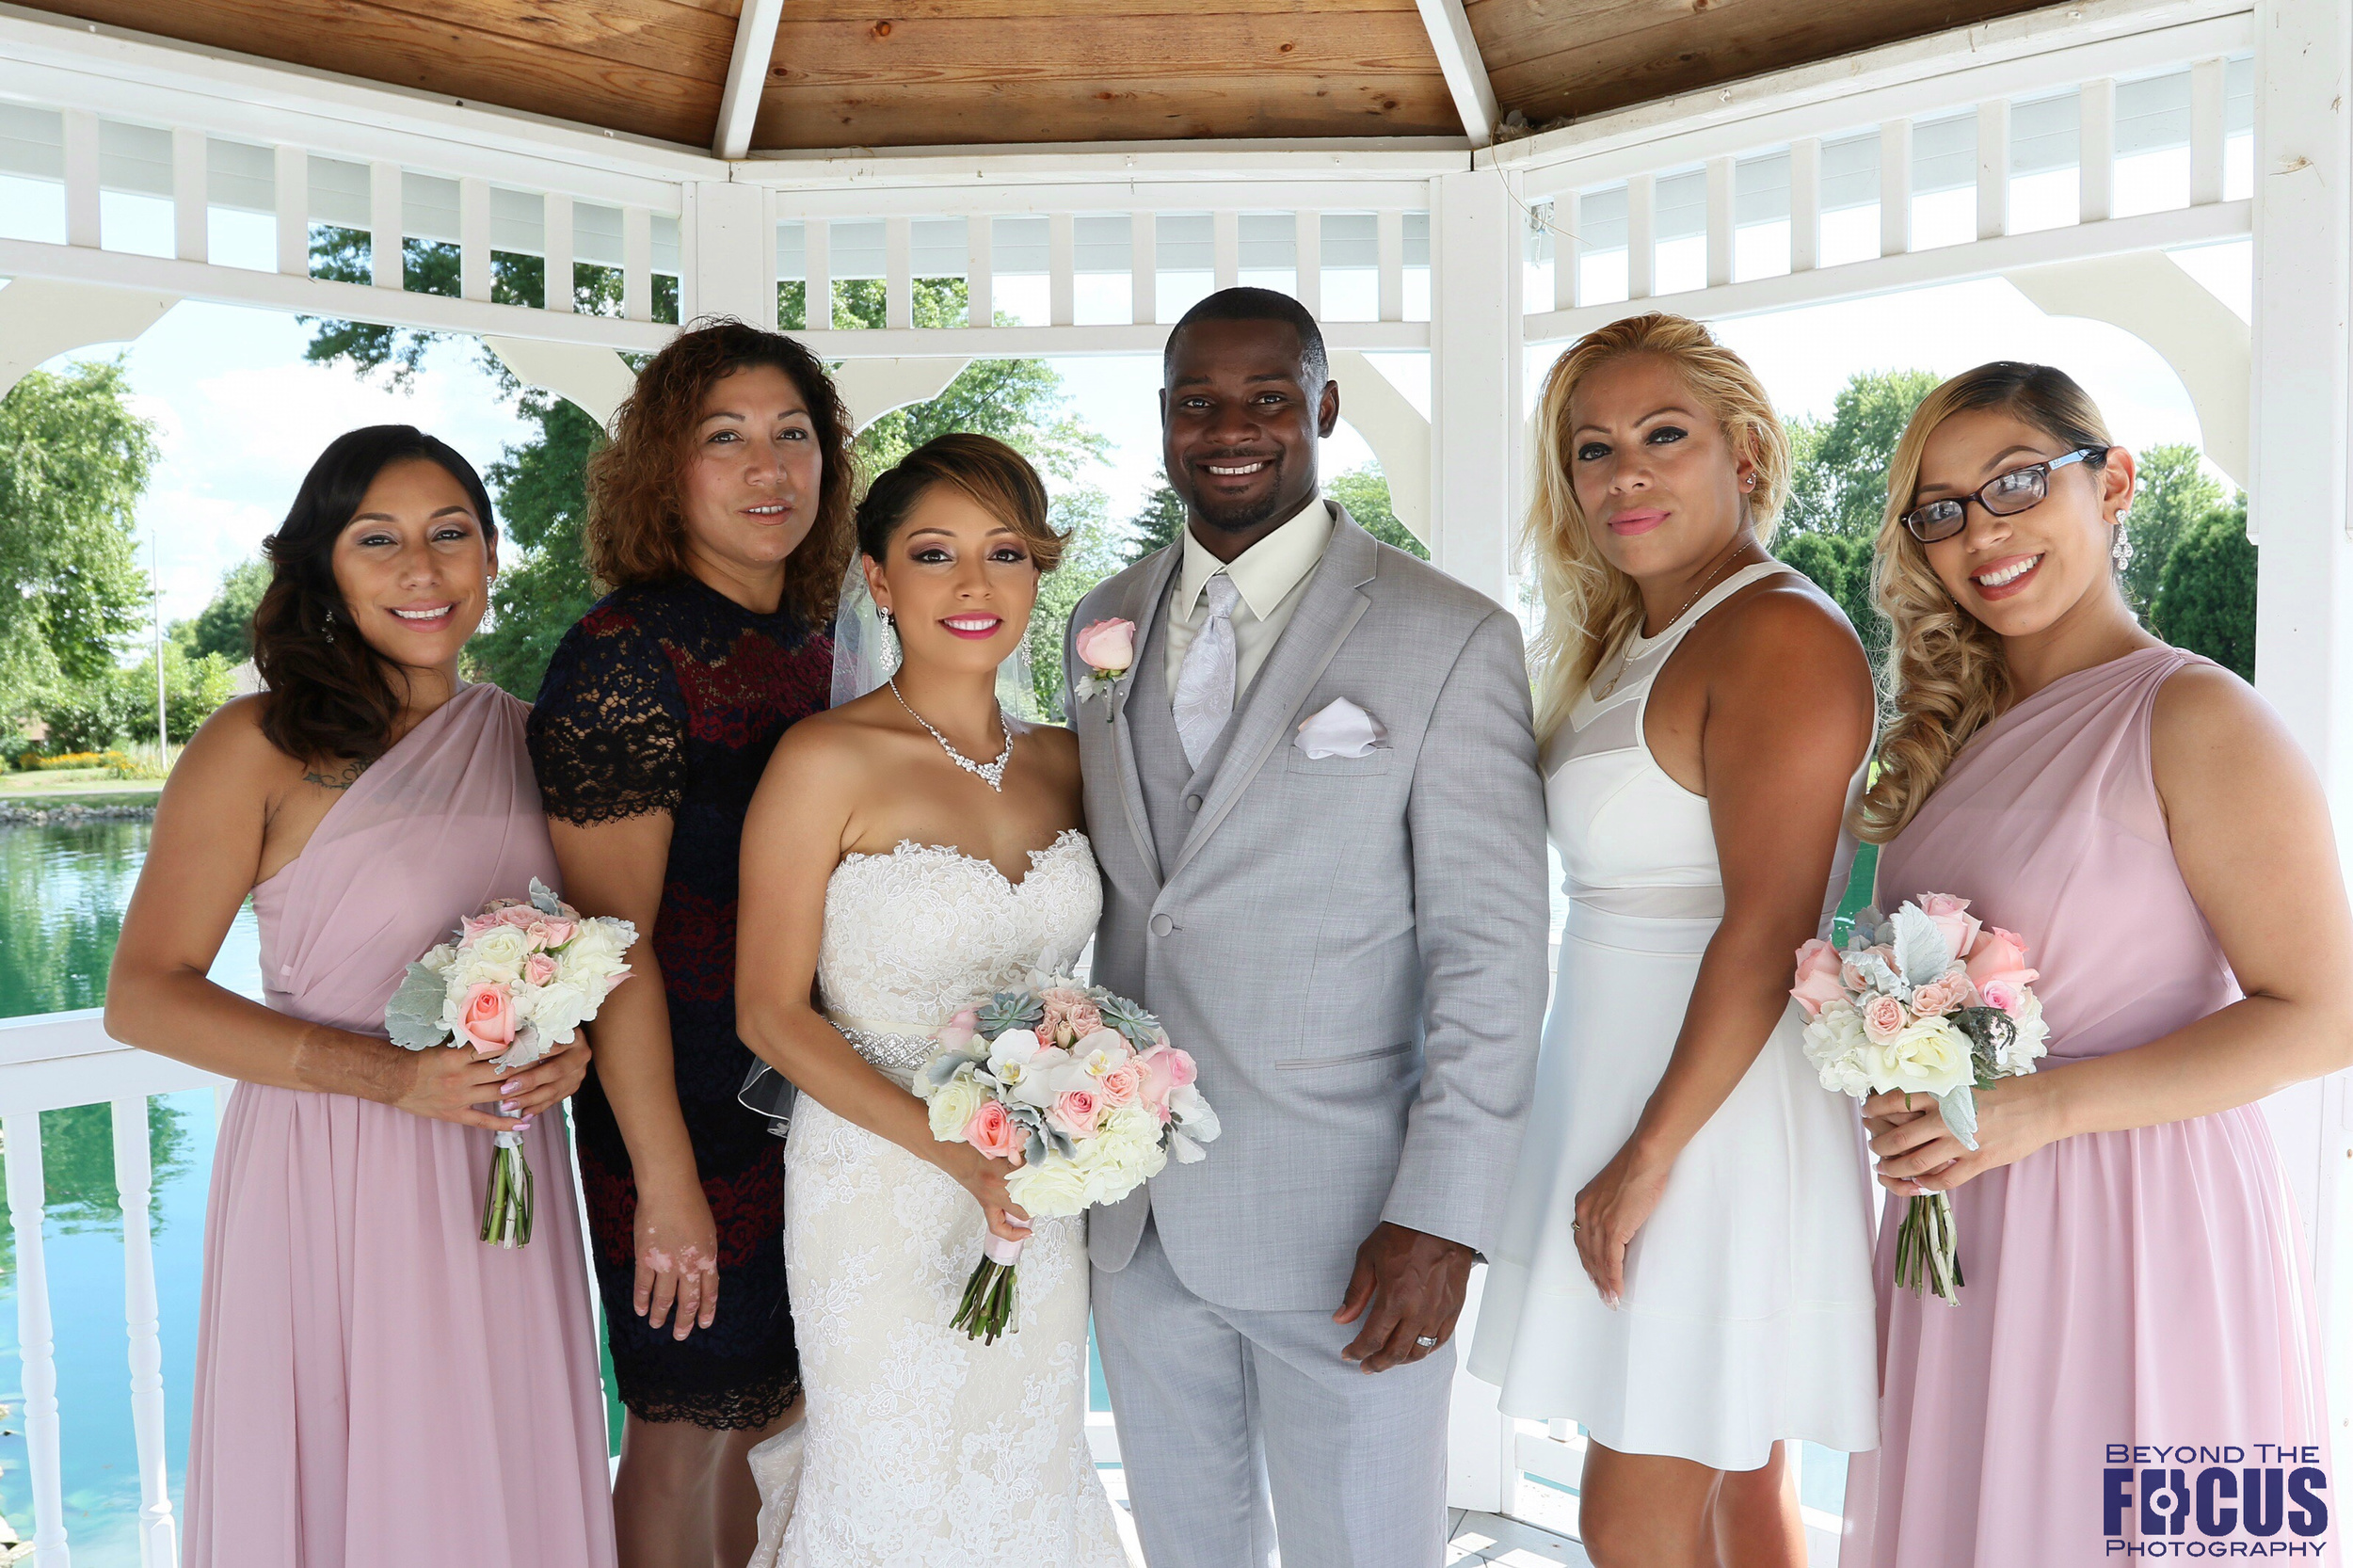 Palmer Wedding - Wedding Party8.jpg